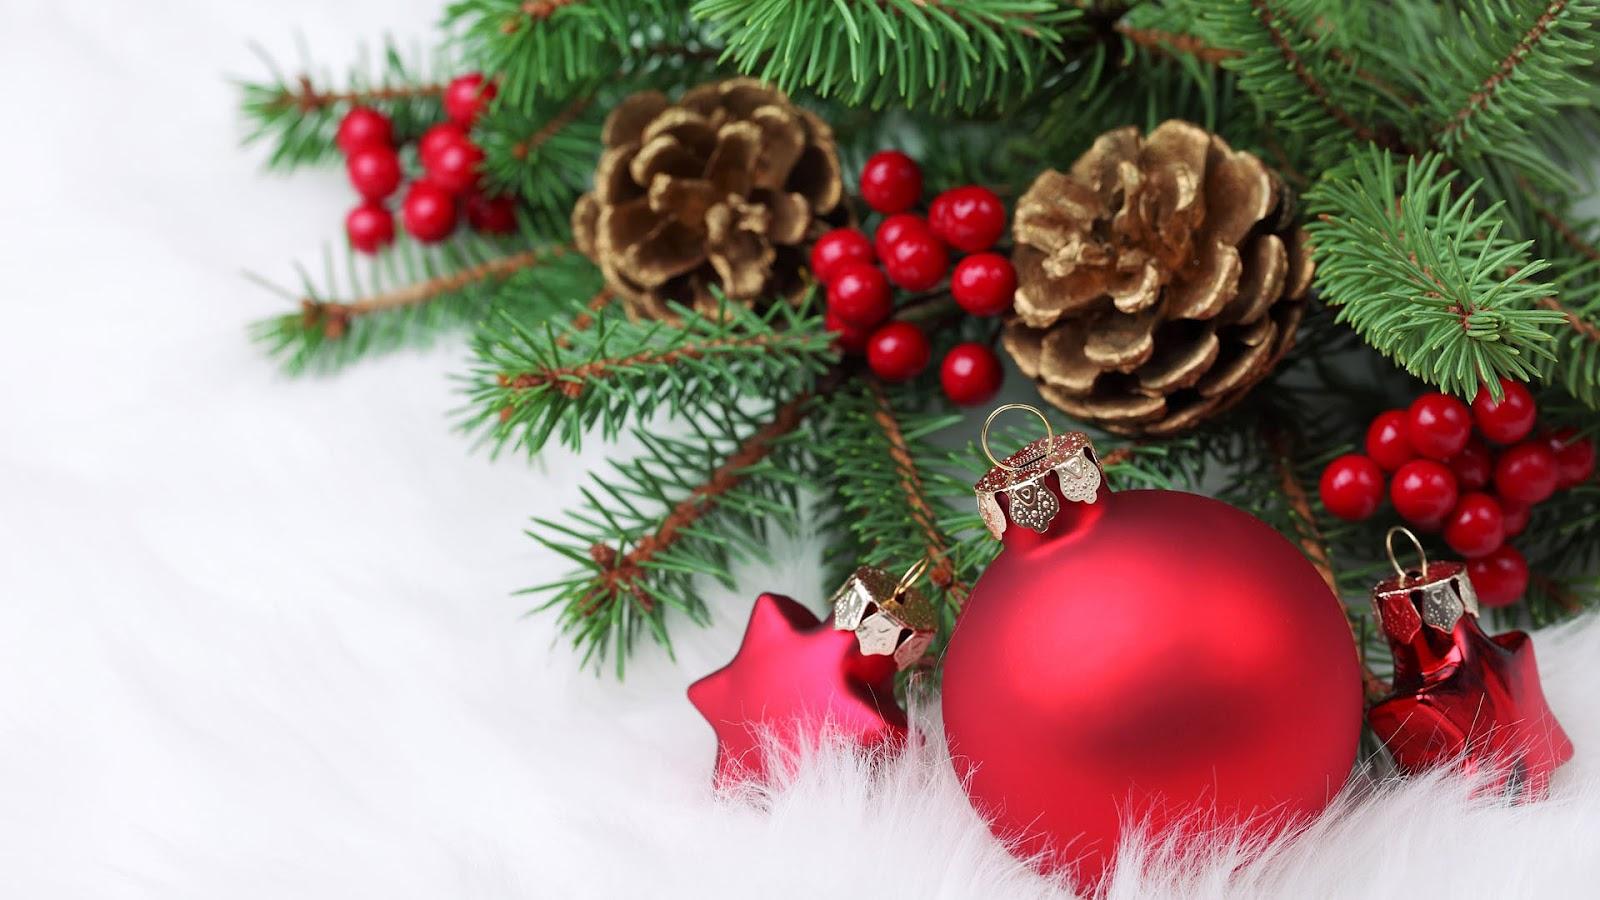 http://2.bp.blogspot.com/-tX73qxoeWow/UBG8eIffcUI/AAAAAAAADms/eEO2dBzPzro/s1600/hd-kerst-achtergrond-met-een-kerstbal-dennenappels-en-kerst-takken-hd-wallpaper.jpg